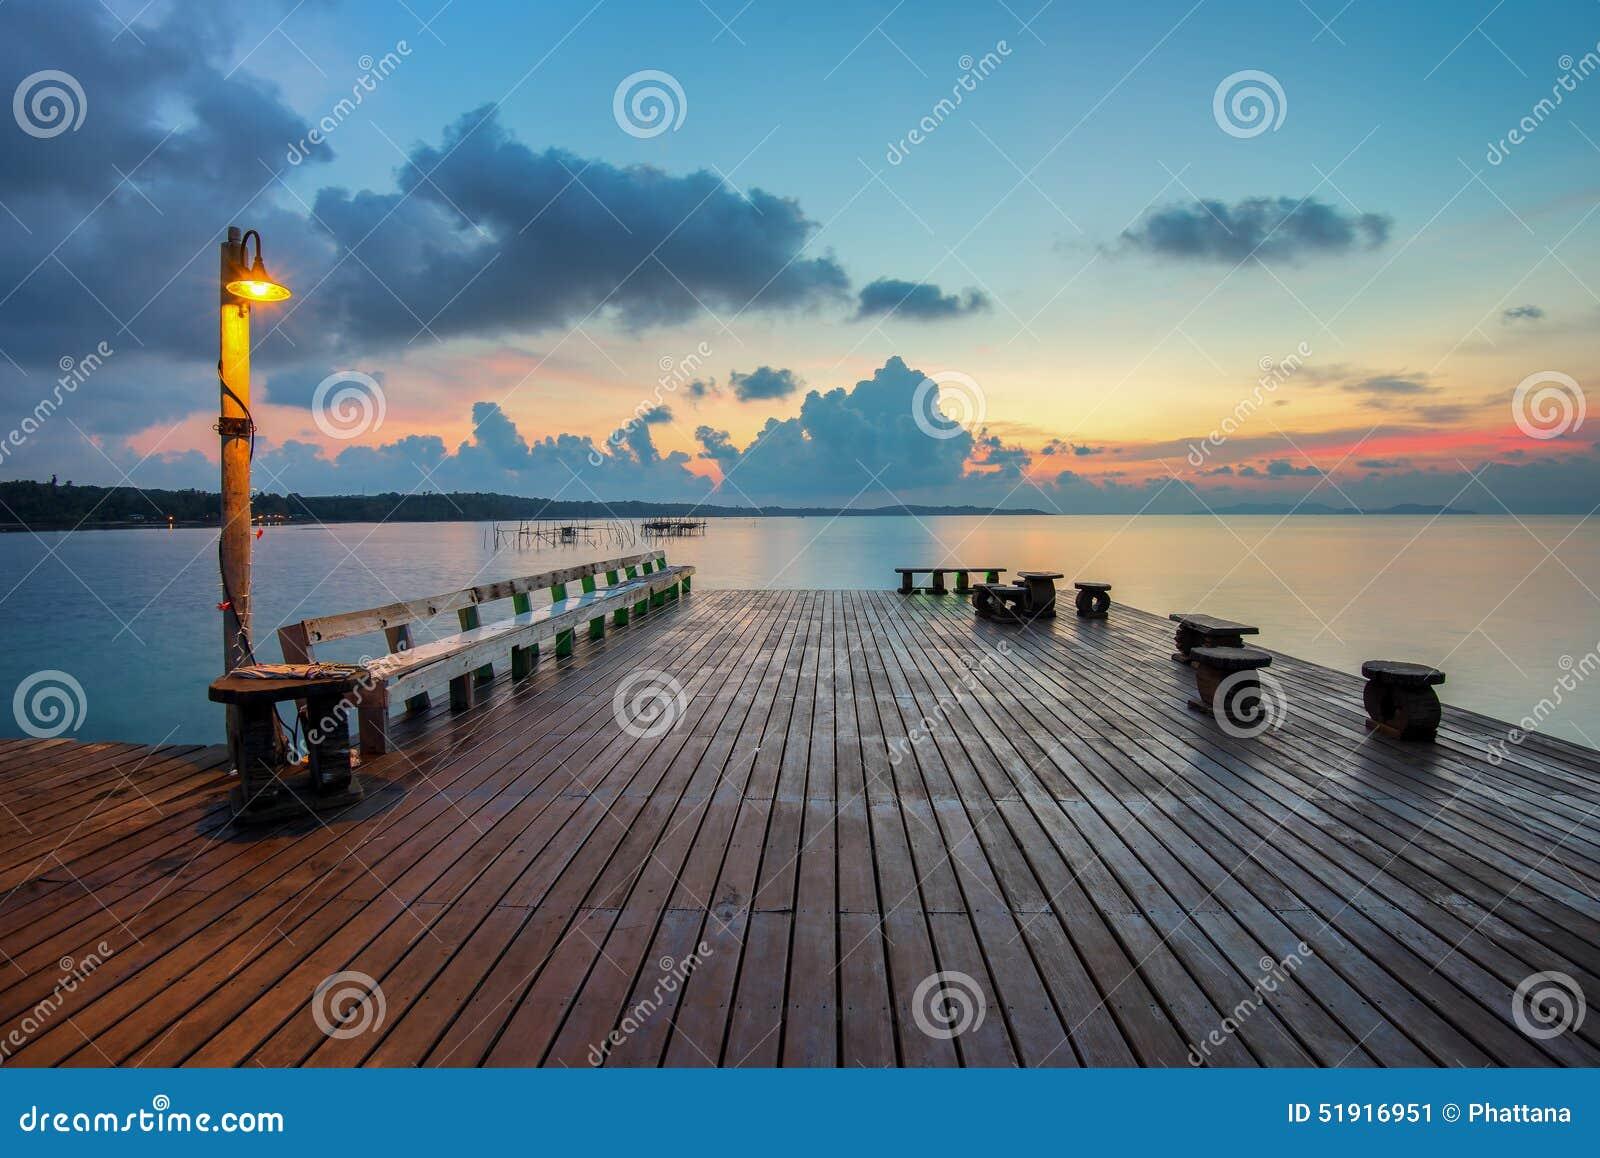 Οι μακριοί θαλάσσιοι περίπατοι στη θάλασσα